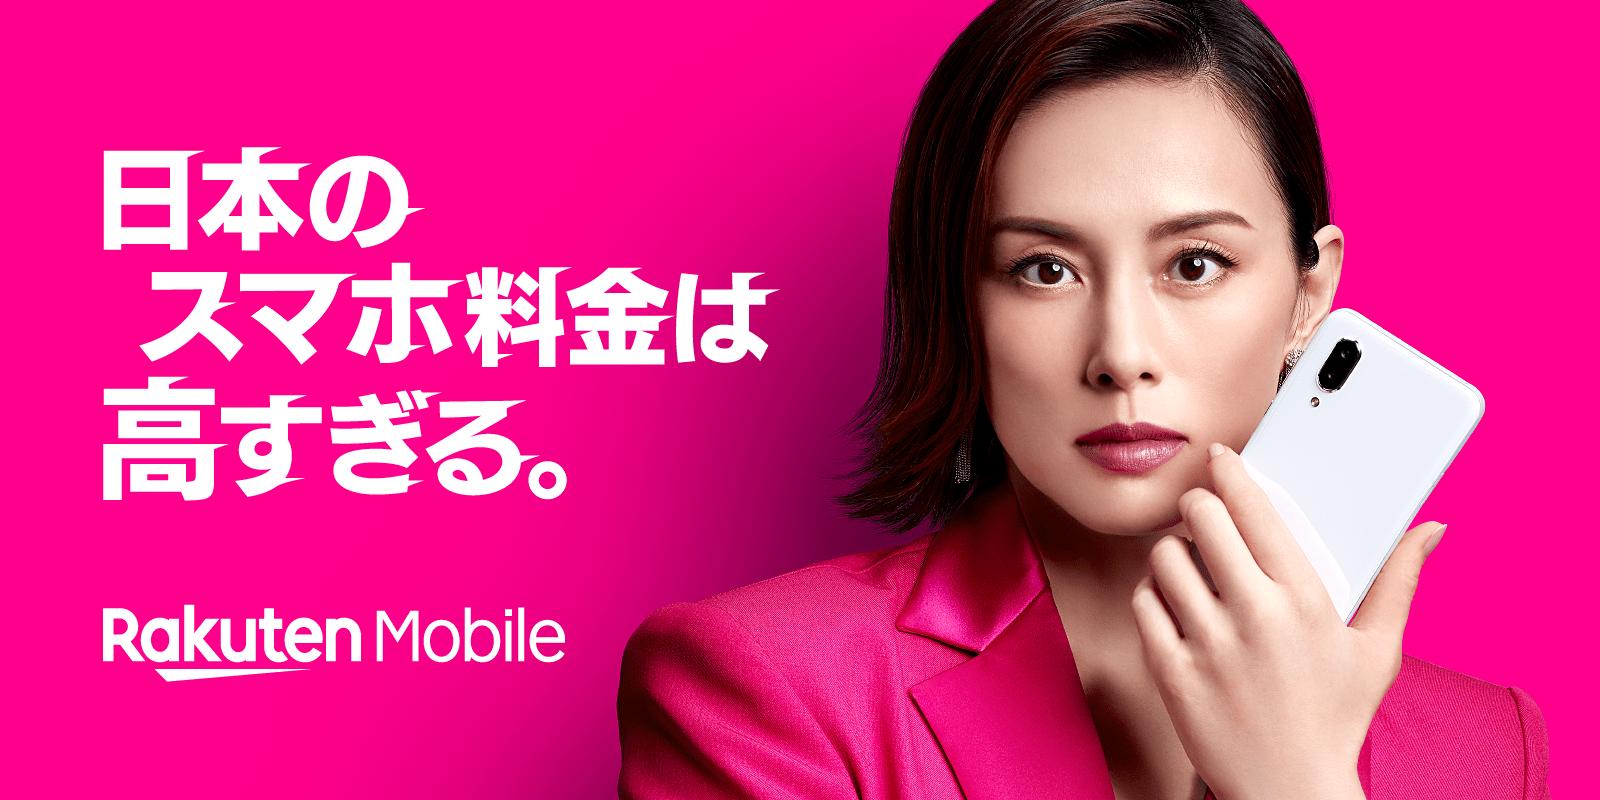 楽天モバイル、米倉 涼子さんを起用した新広告キャンペーンを本日より ...